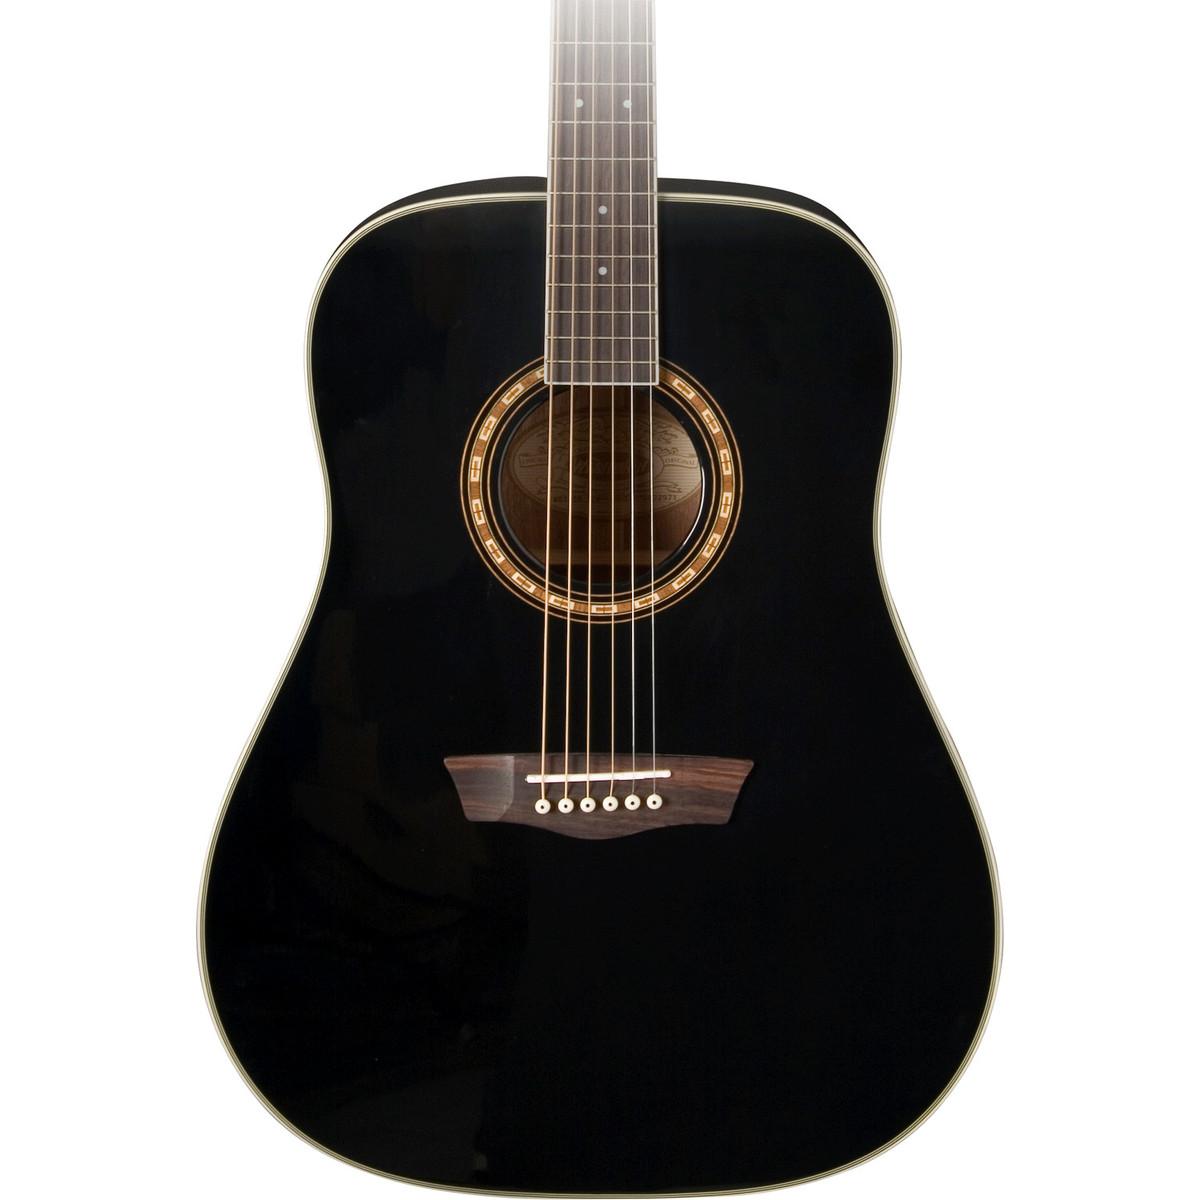 washburn wd10s acoustic guitar black at. Black Bedroom Furniture Sets. Home Design Ideas